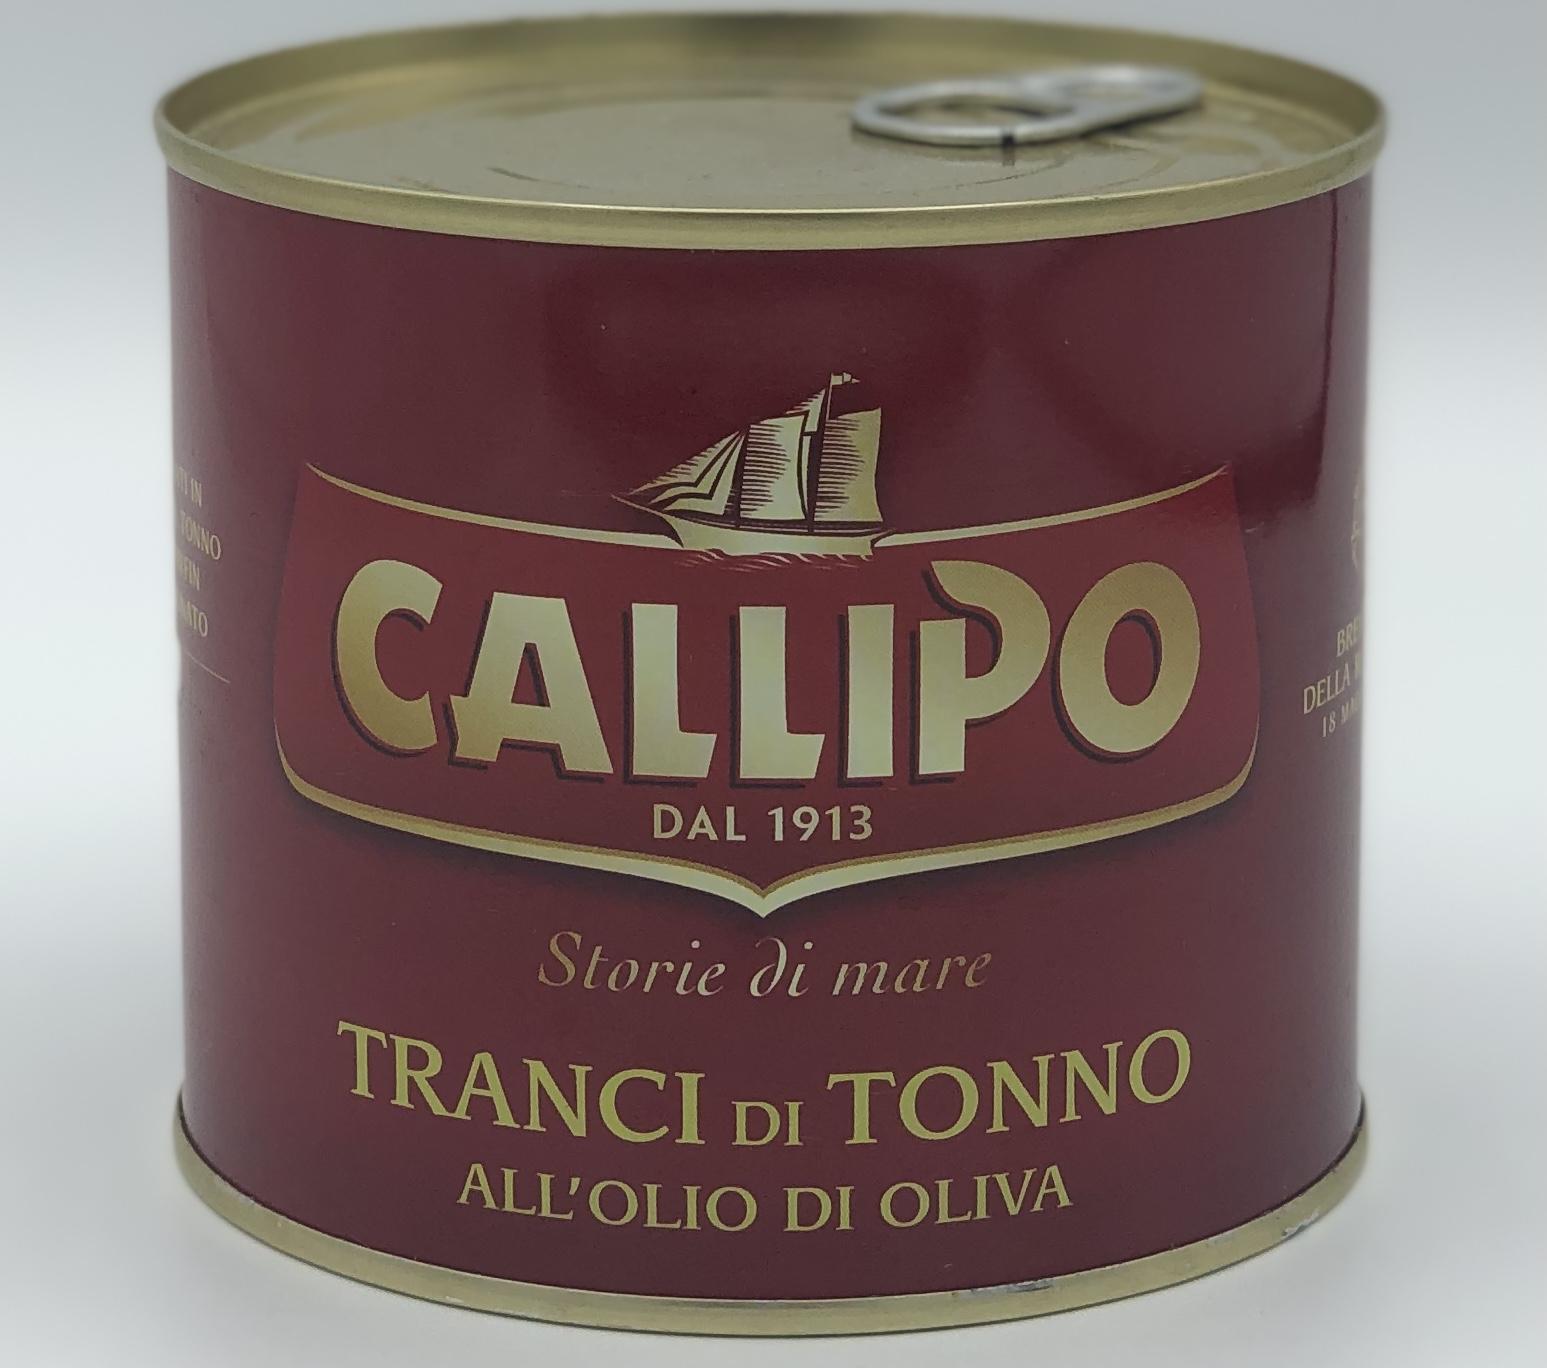 Callipo Tranci di Tonno in Olio di Oliva GR.620